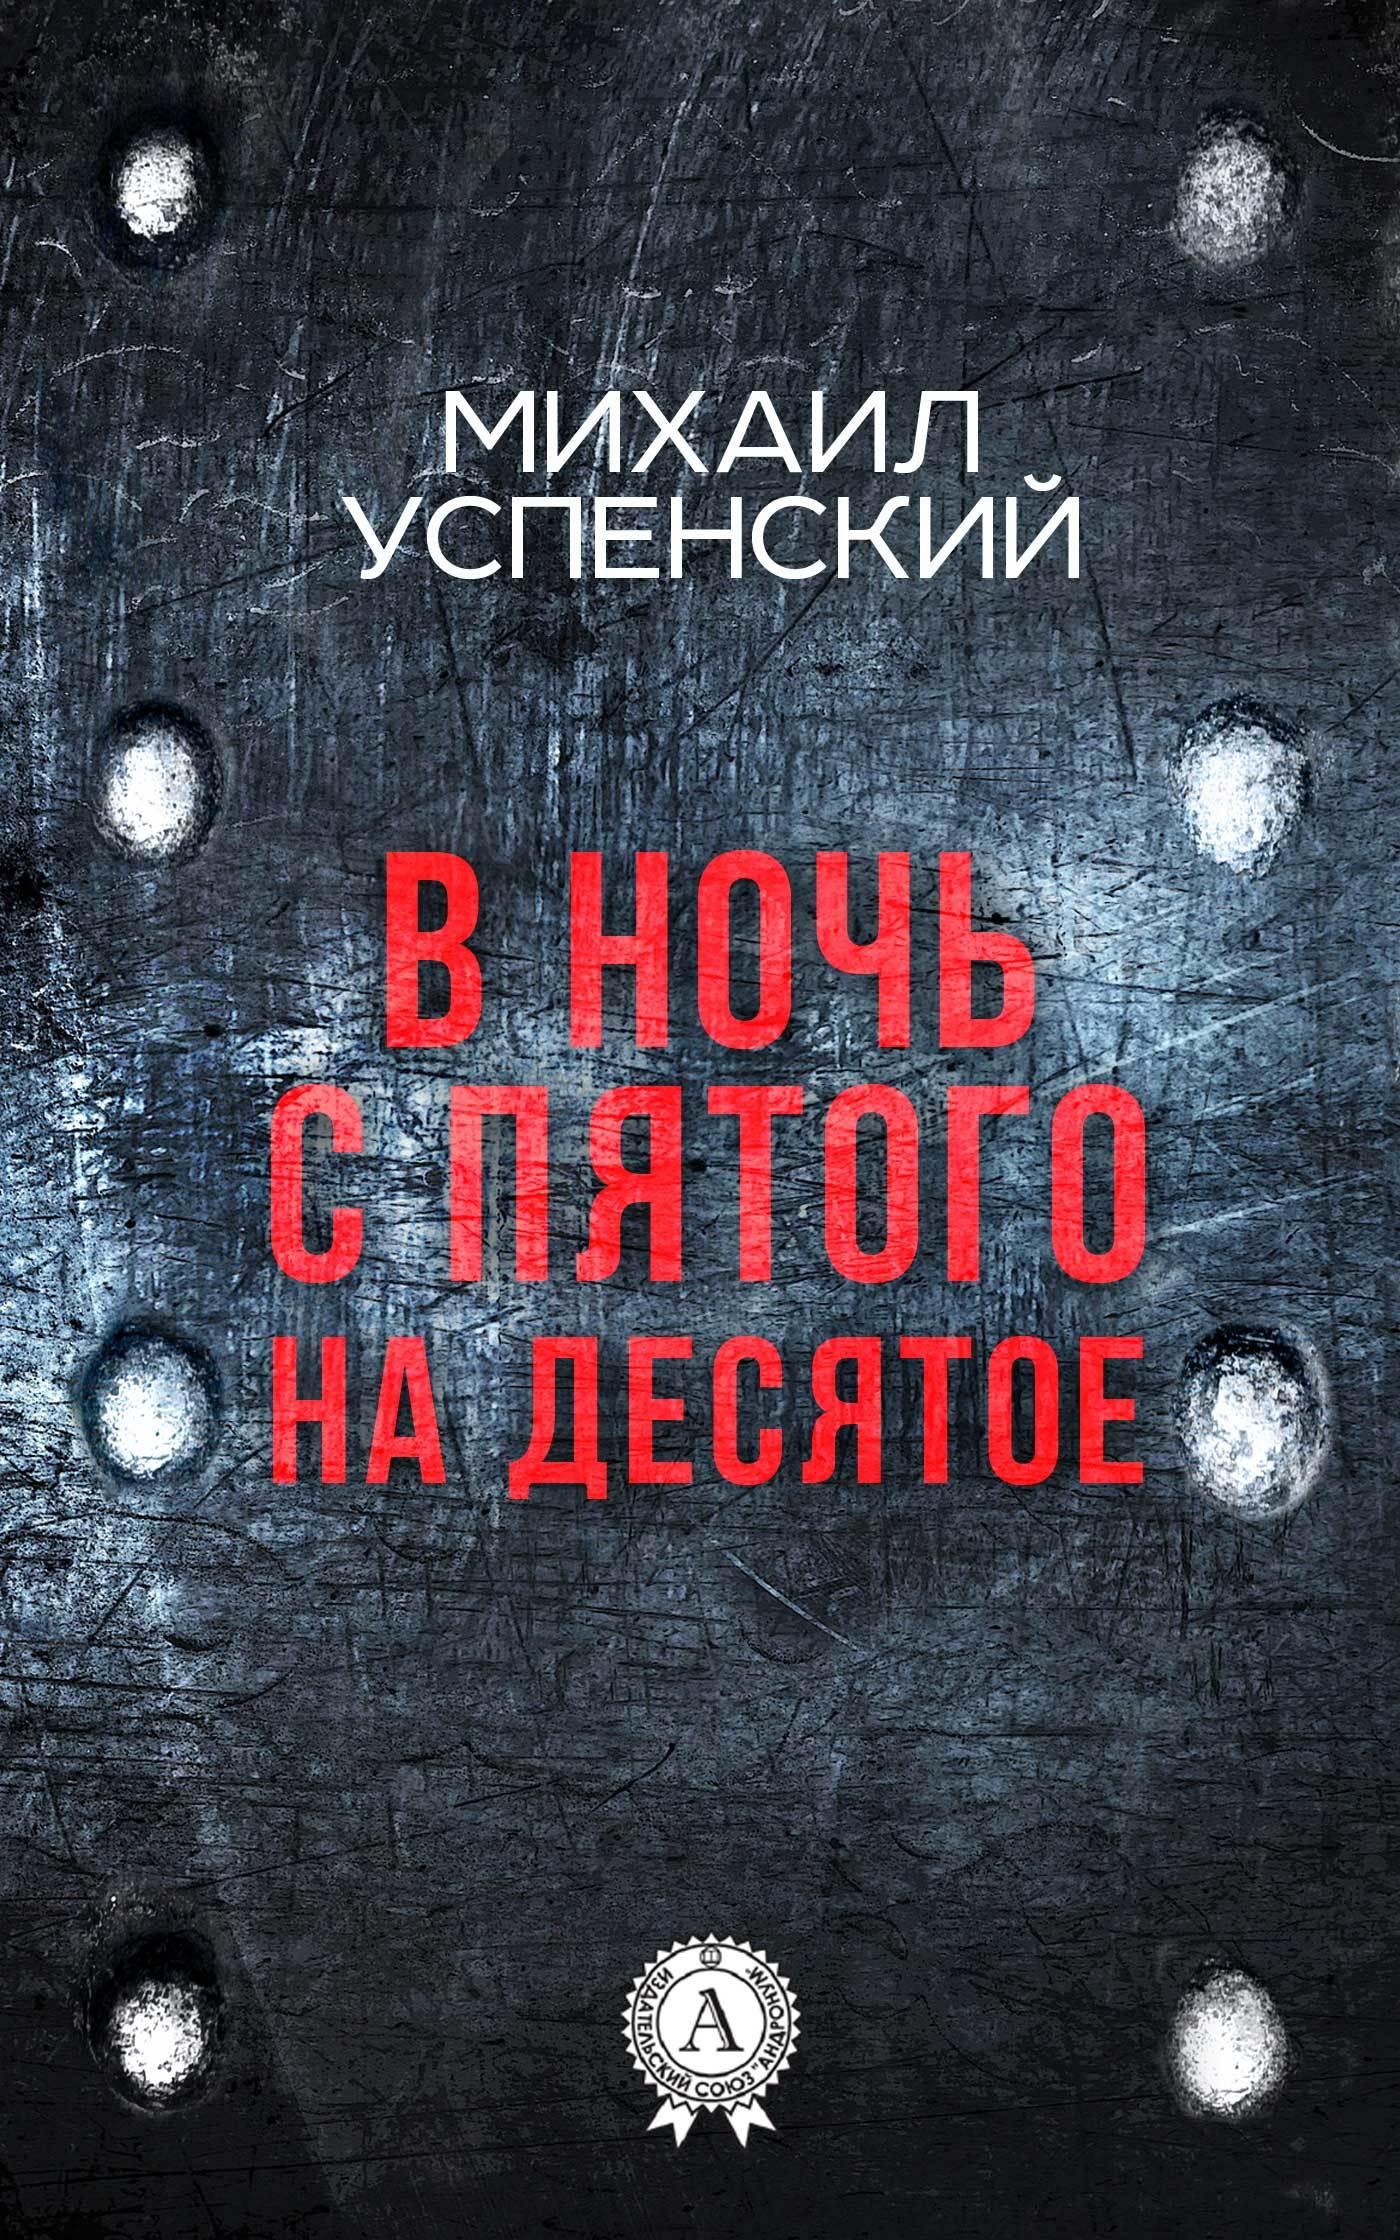 Михаил Успенский В ночь с пятого на десятое алтей и ко волшебные слова